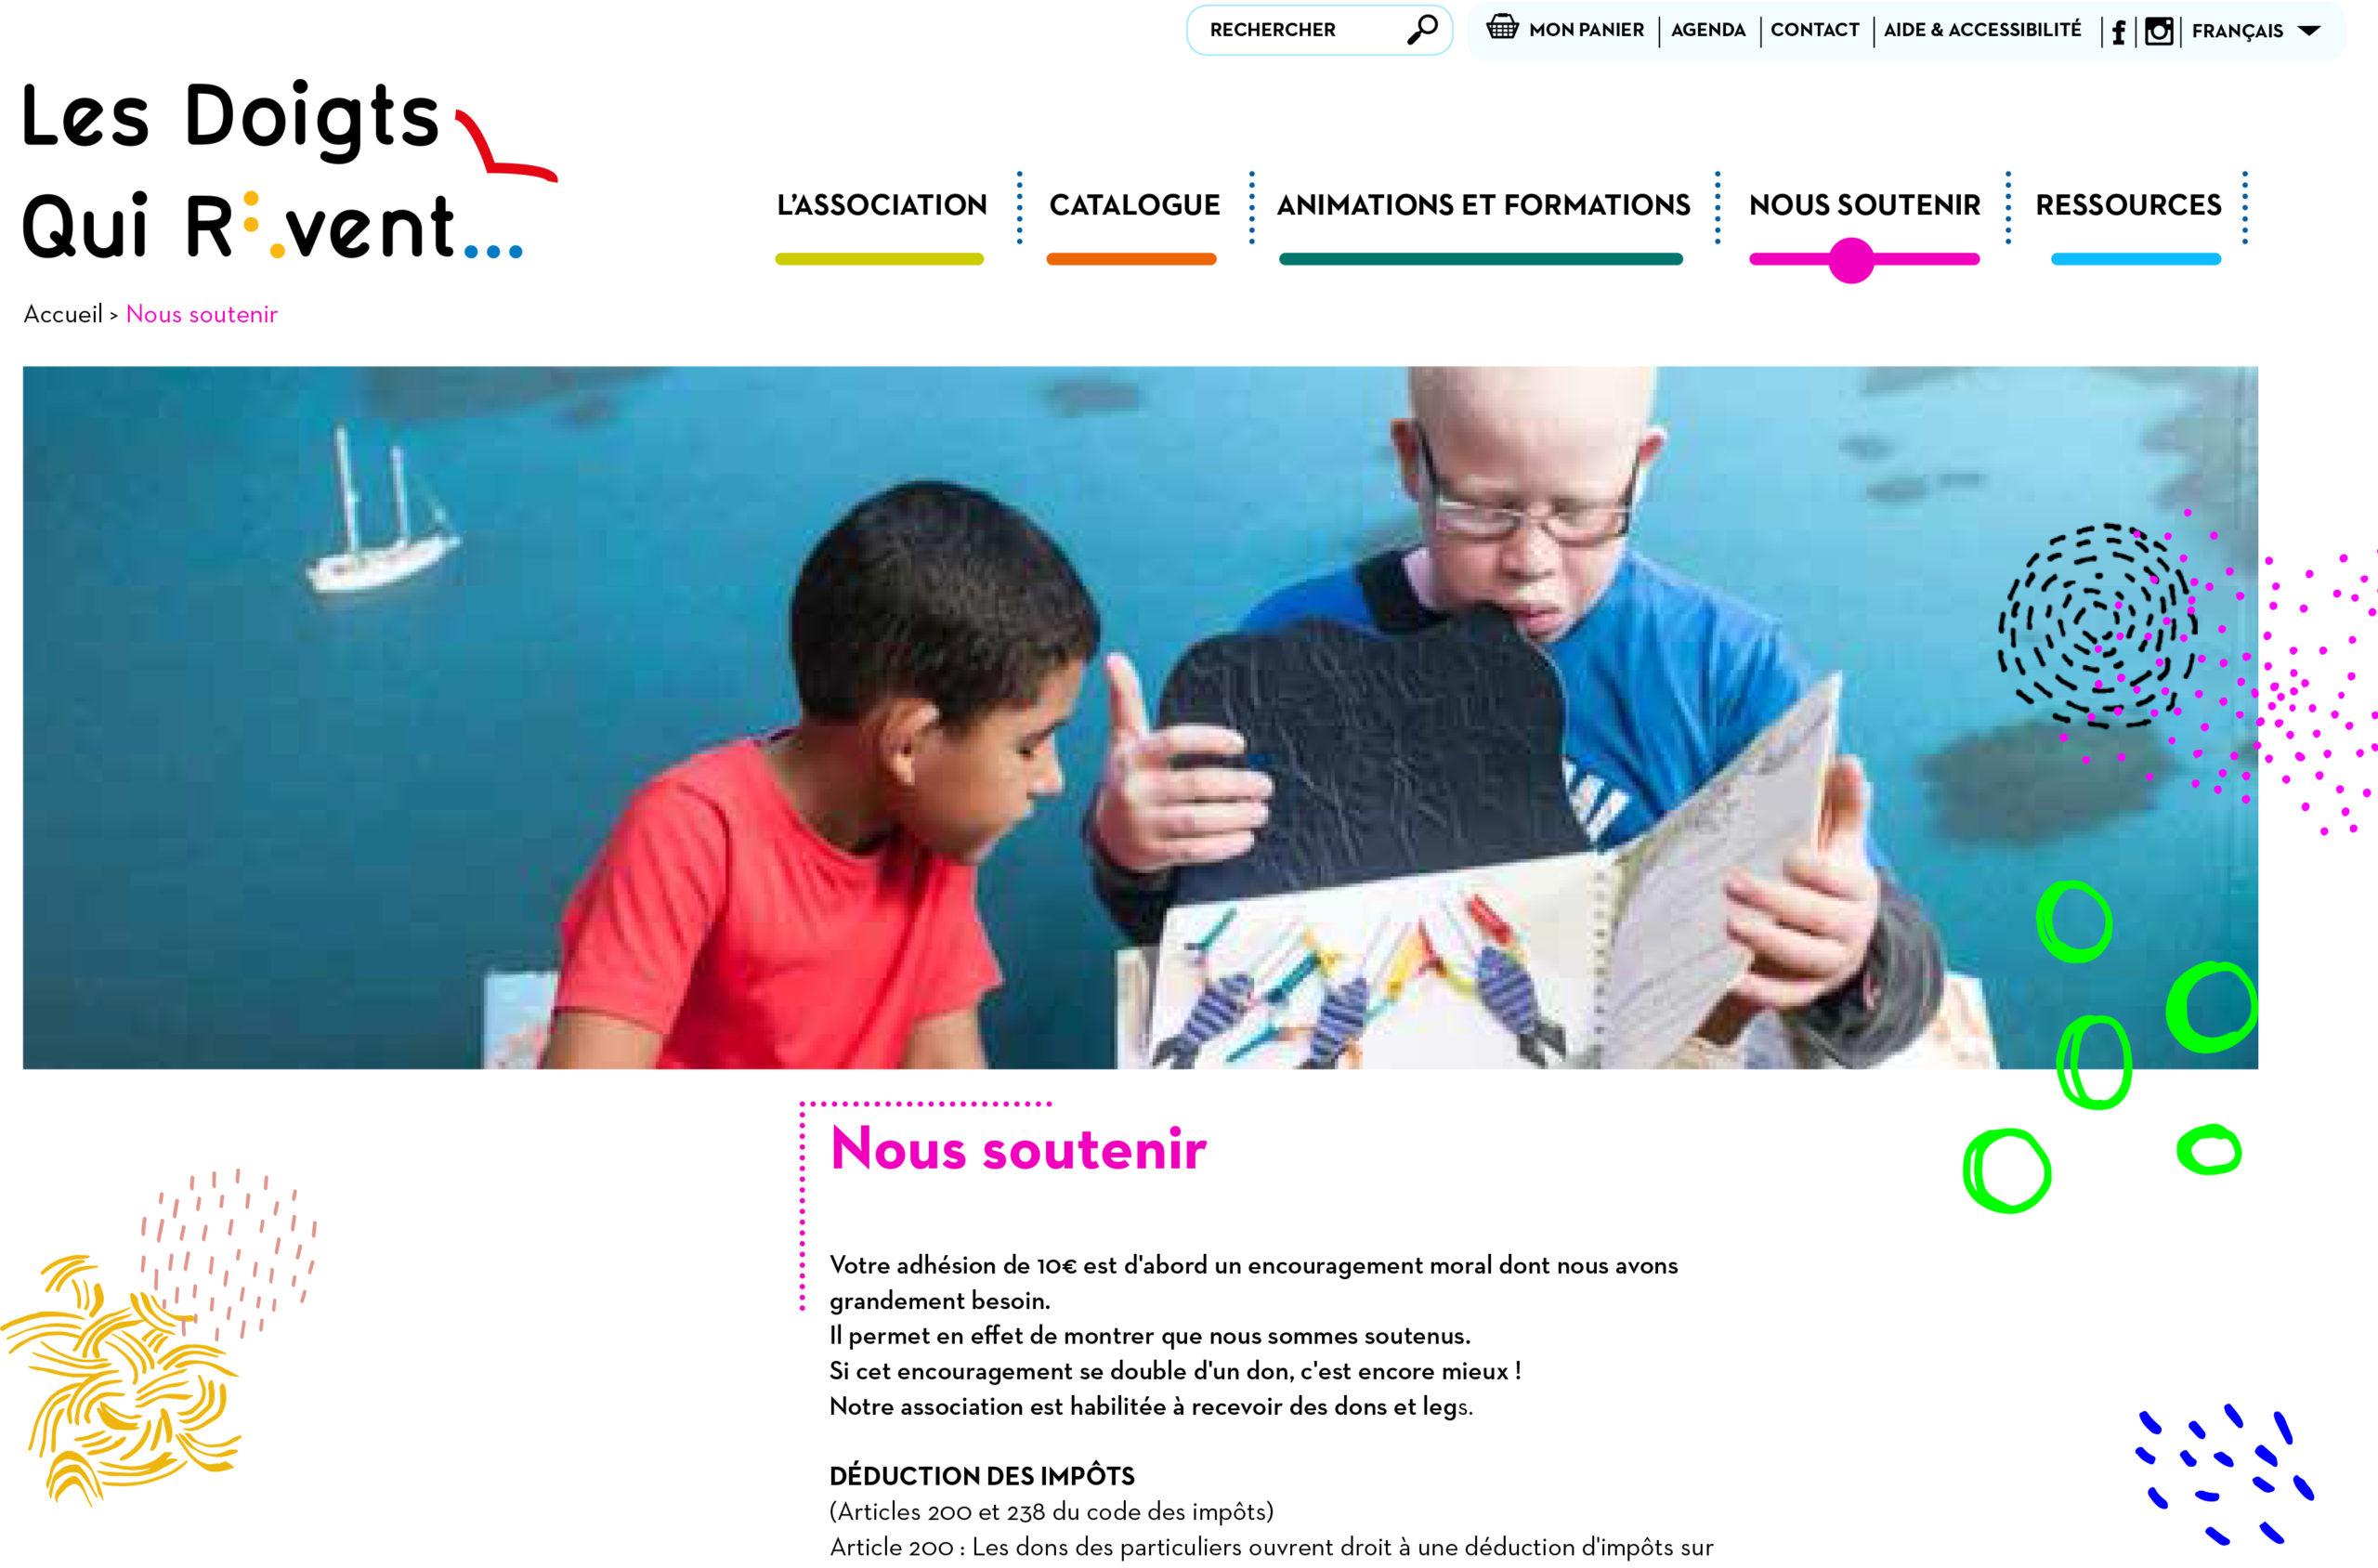 Pages-Asso-soutien-ressource-agenda-boutique-3